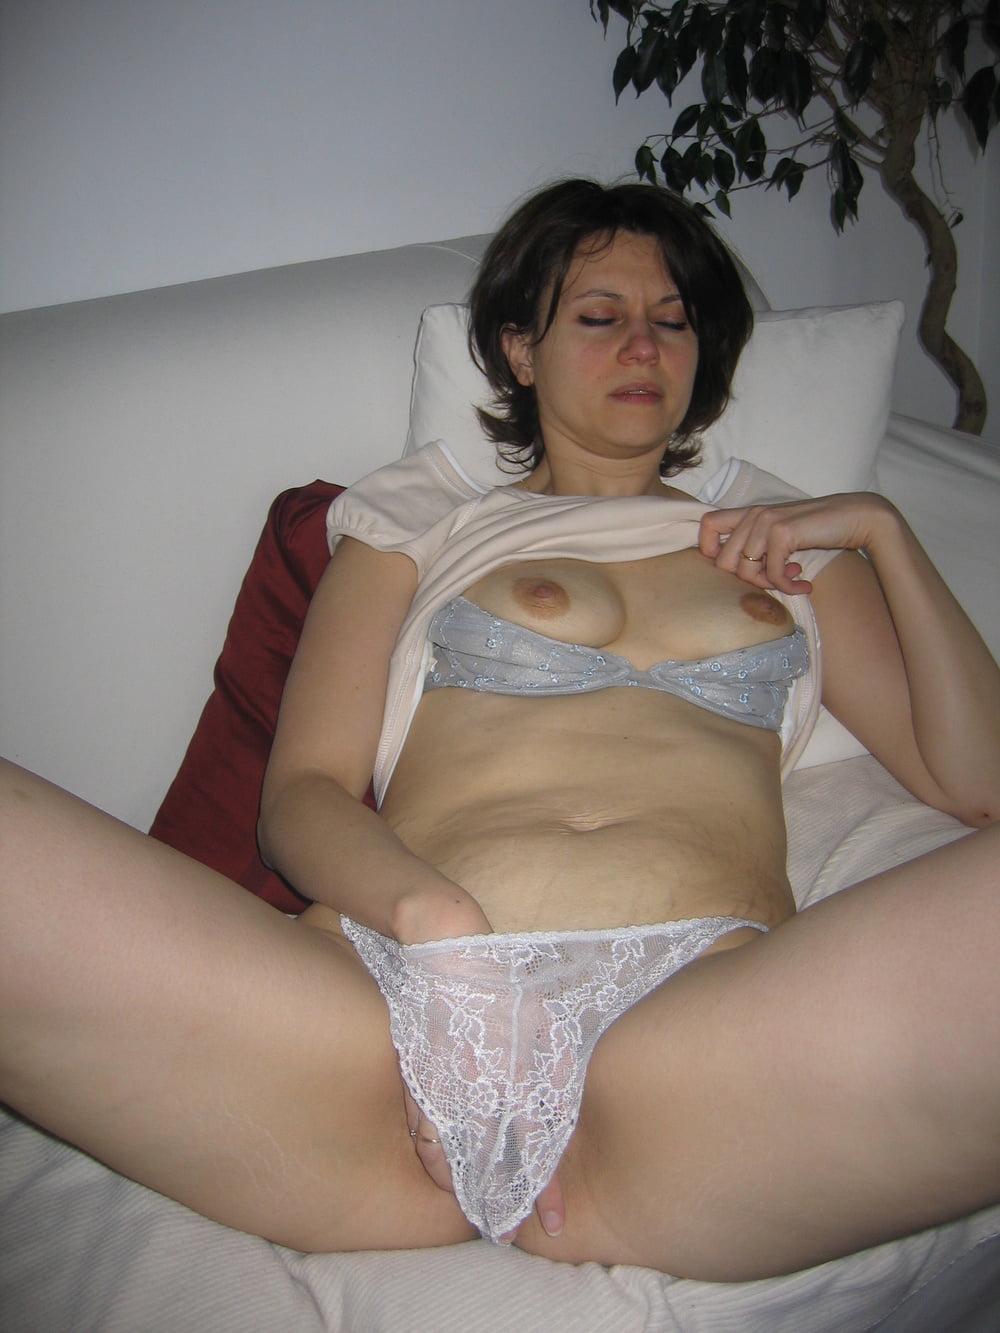 порно фото галереи чужих жен в трусиках - 2